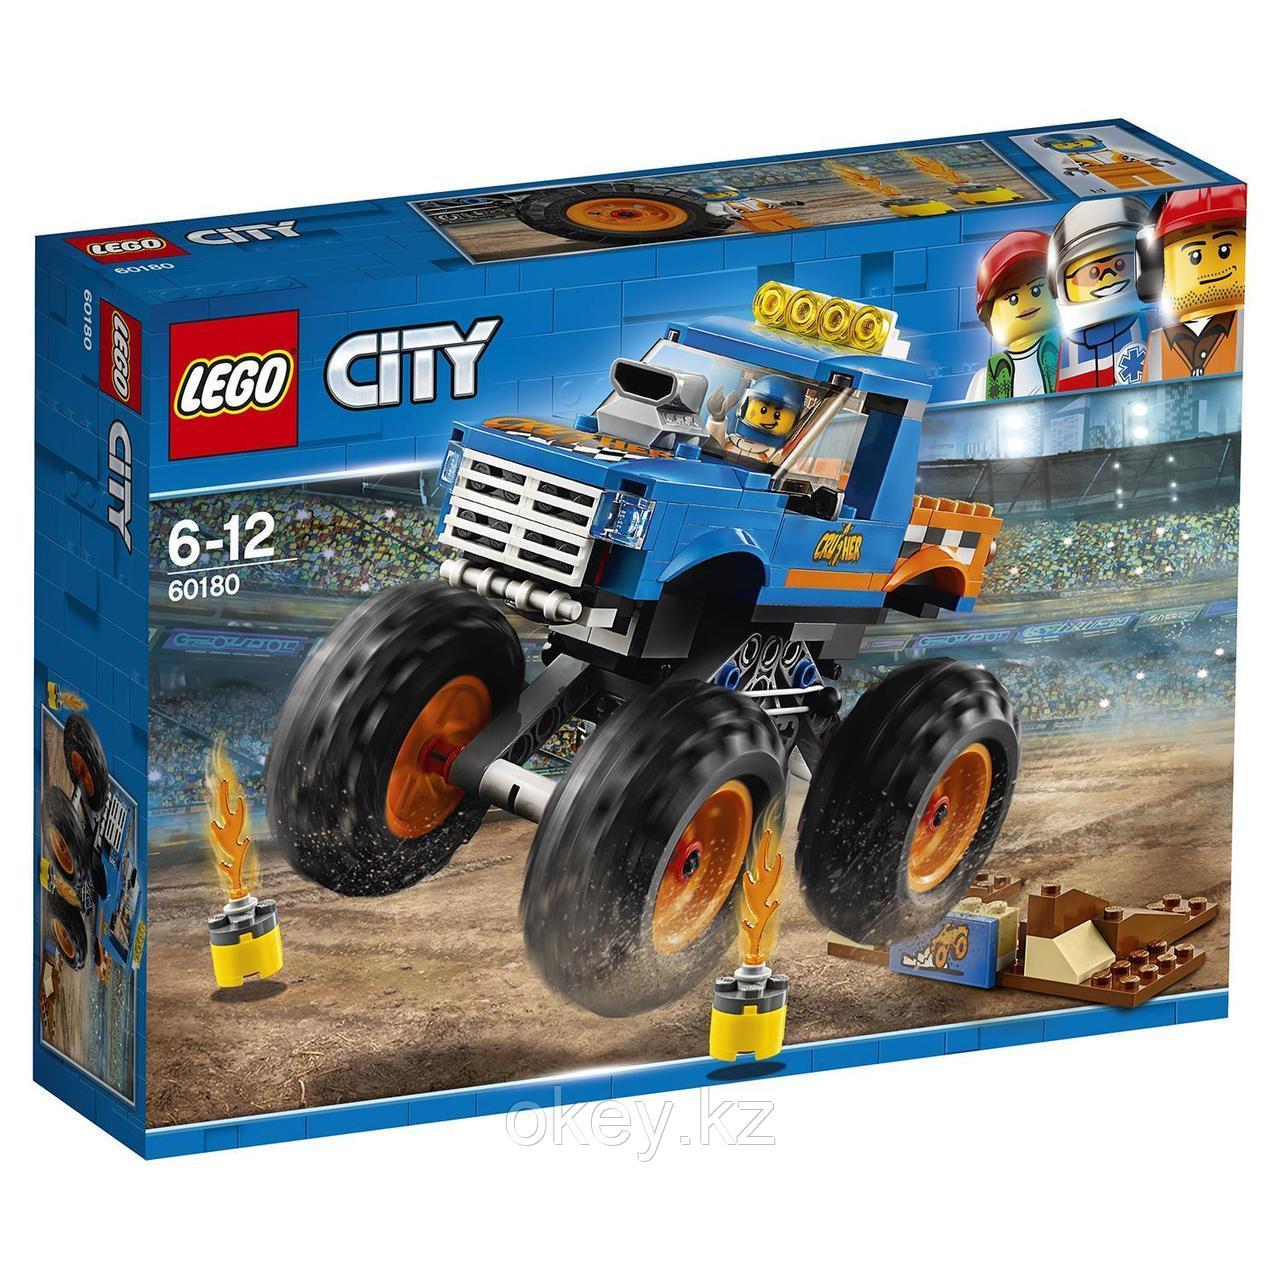 LEGO City: Монстр-трак 60180